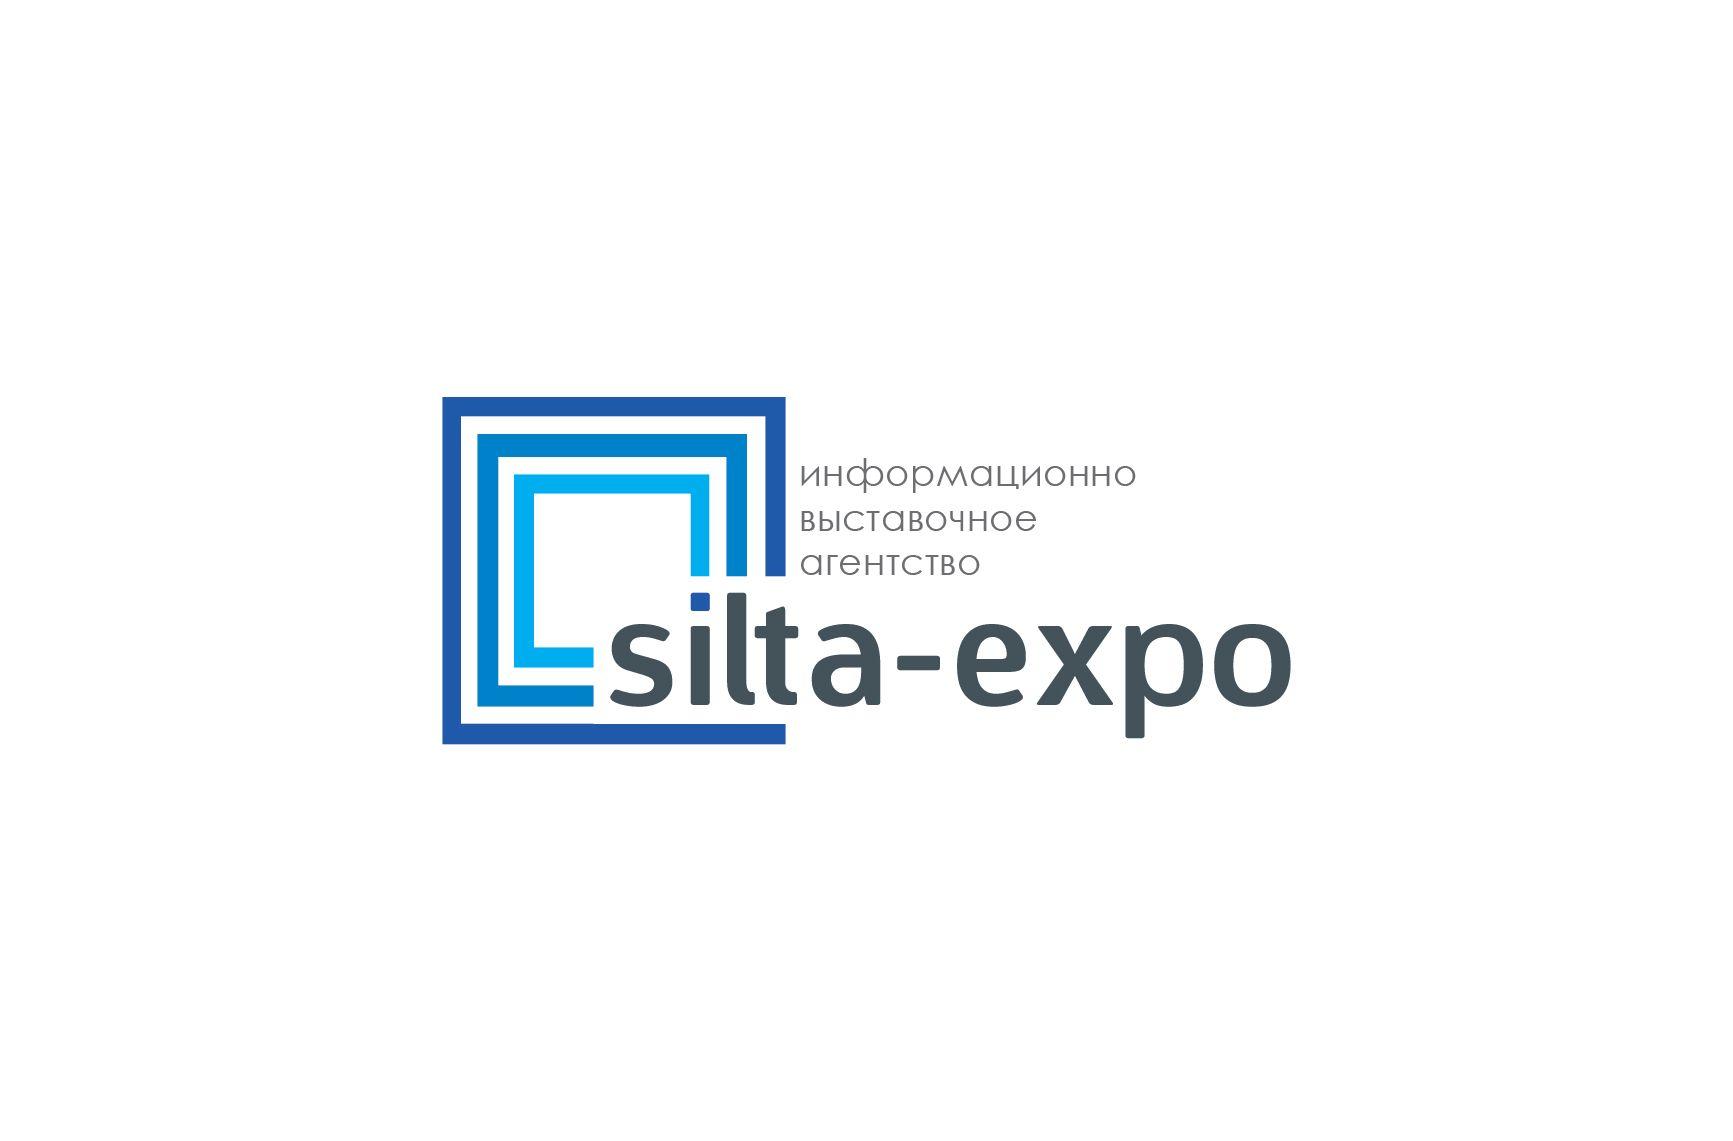 Логотип для Информационно-выставочного агентства - дизайнер andyul